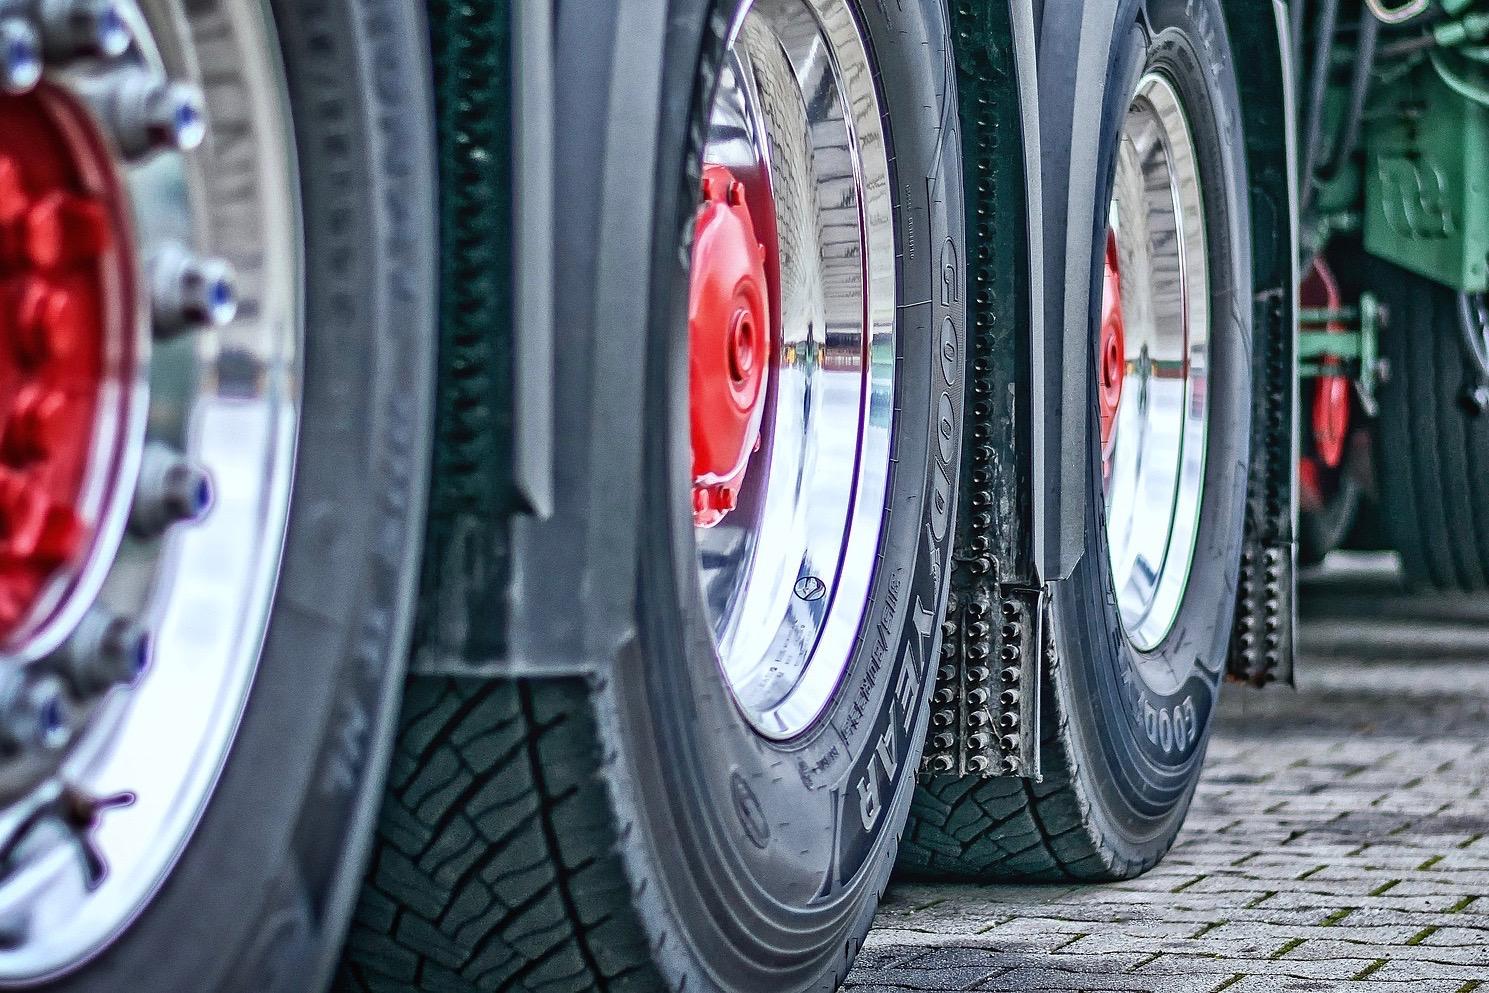 Sophie Rollet enquête sur les éclatements de pneus, un travail de fourmi qui pourrait finir par mener la multinationale Goodyear devant la justice.